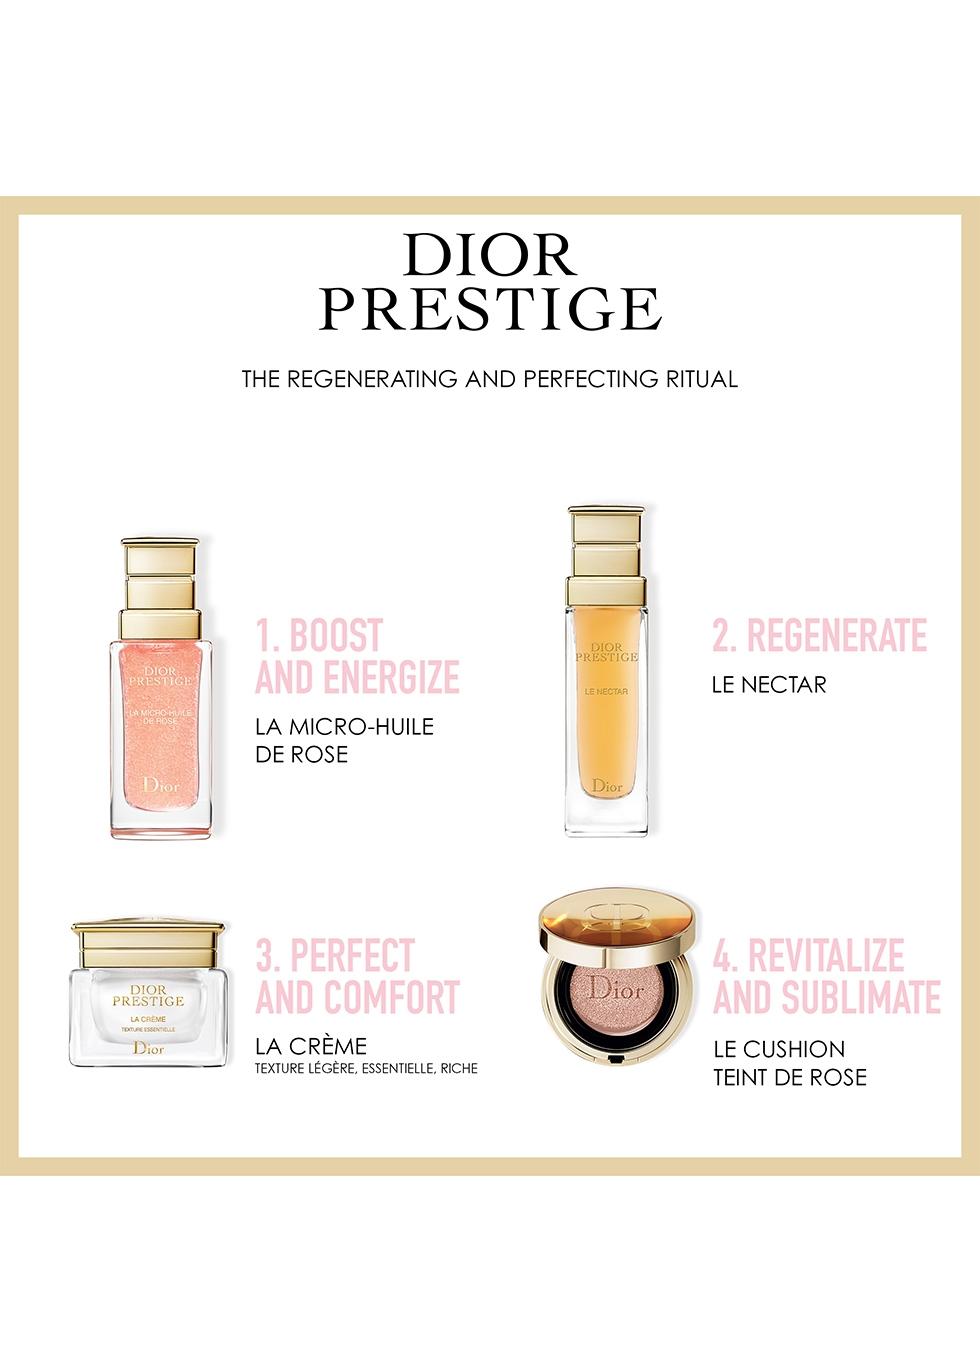 Dior Prestige La Micro-Huile de Rose 30ml - Dior